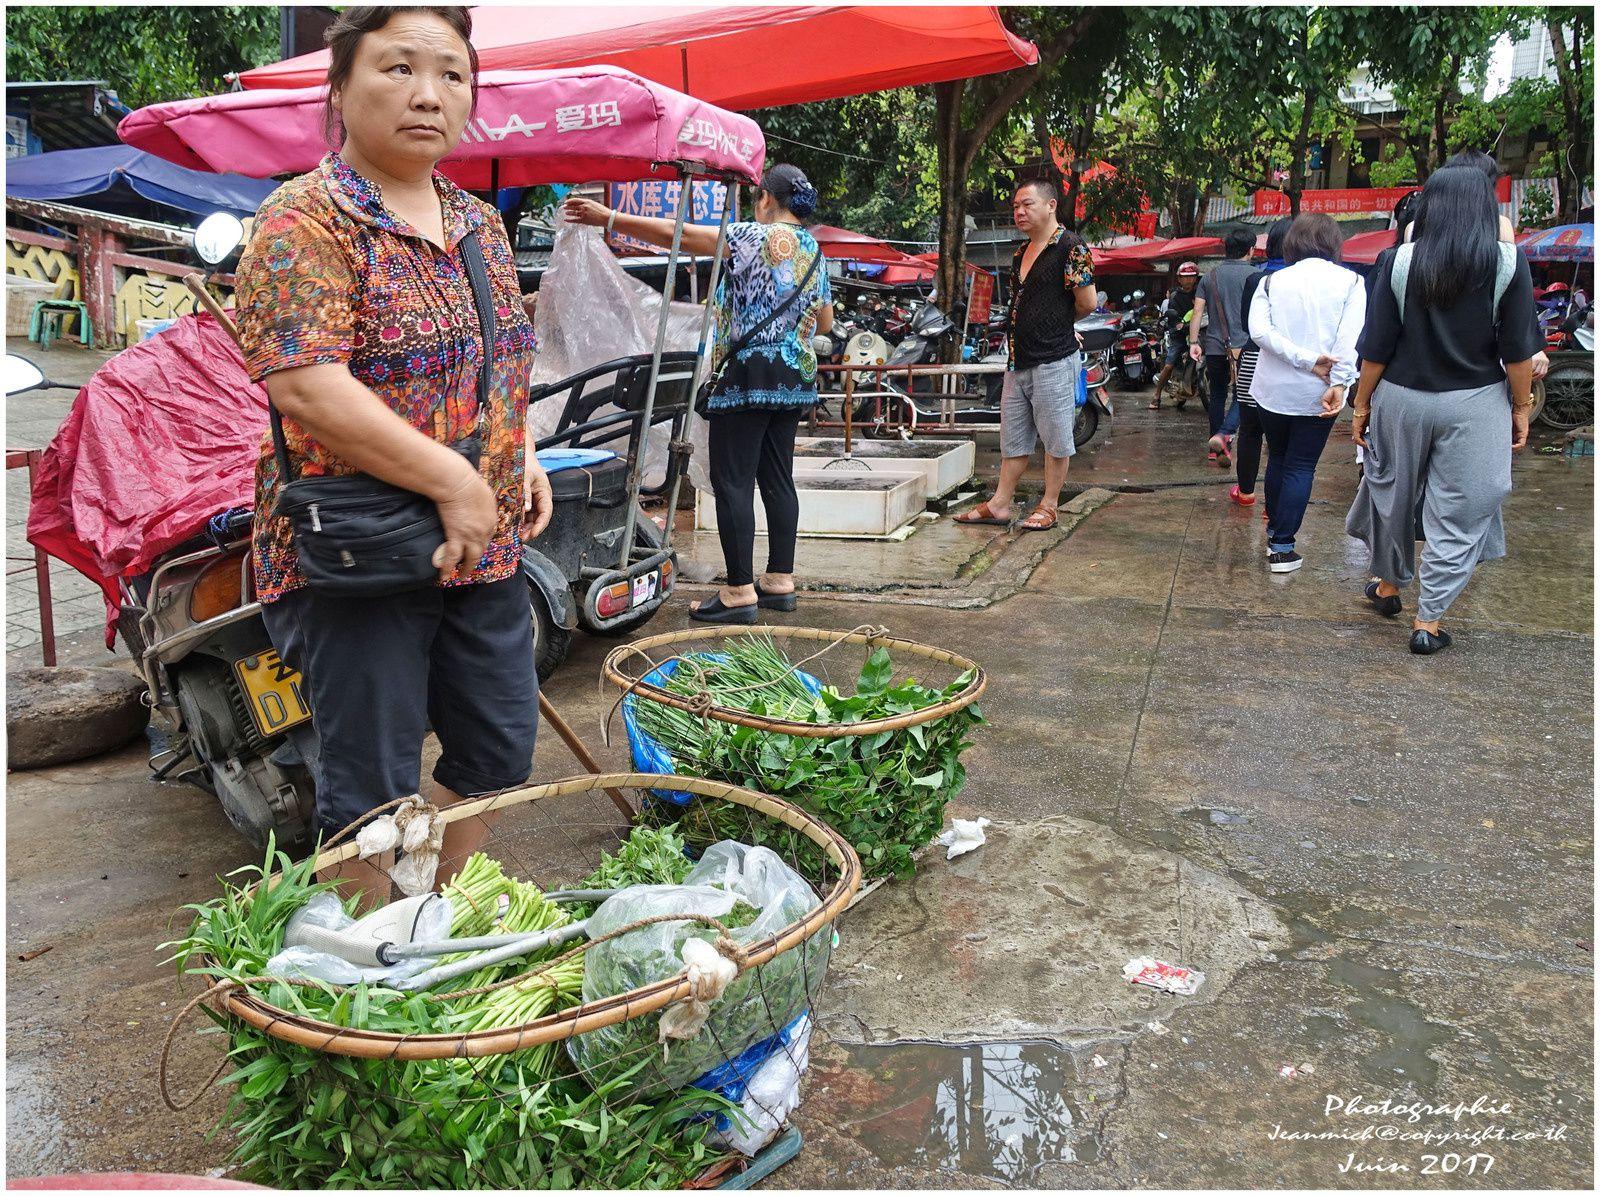 Un marché dans la ville de Xishuangbanna (Yunnan, Chine)